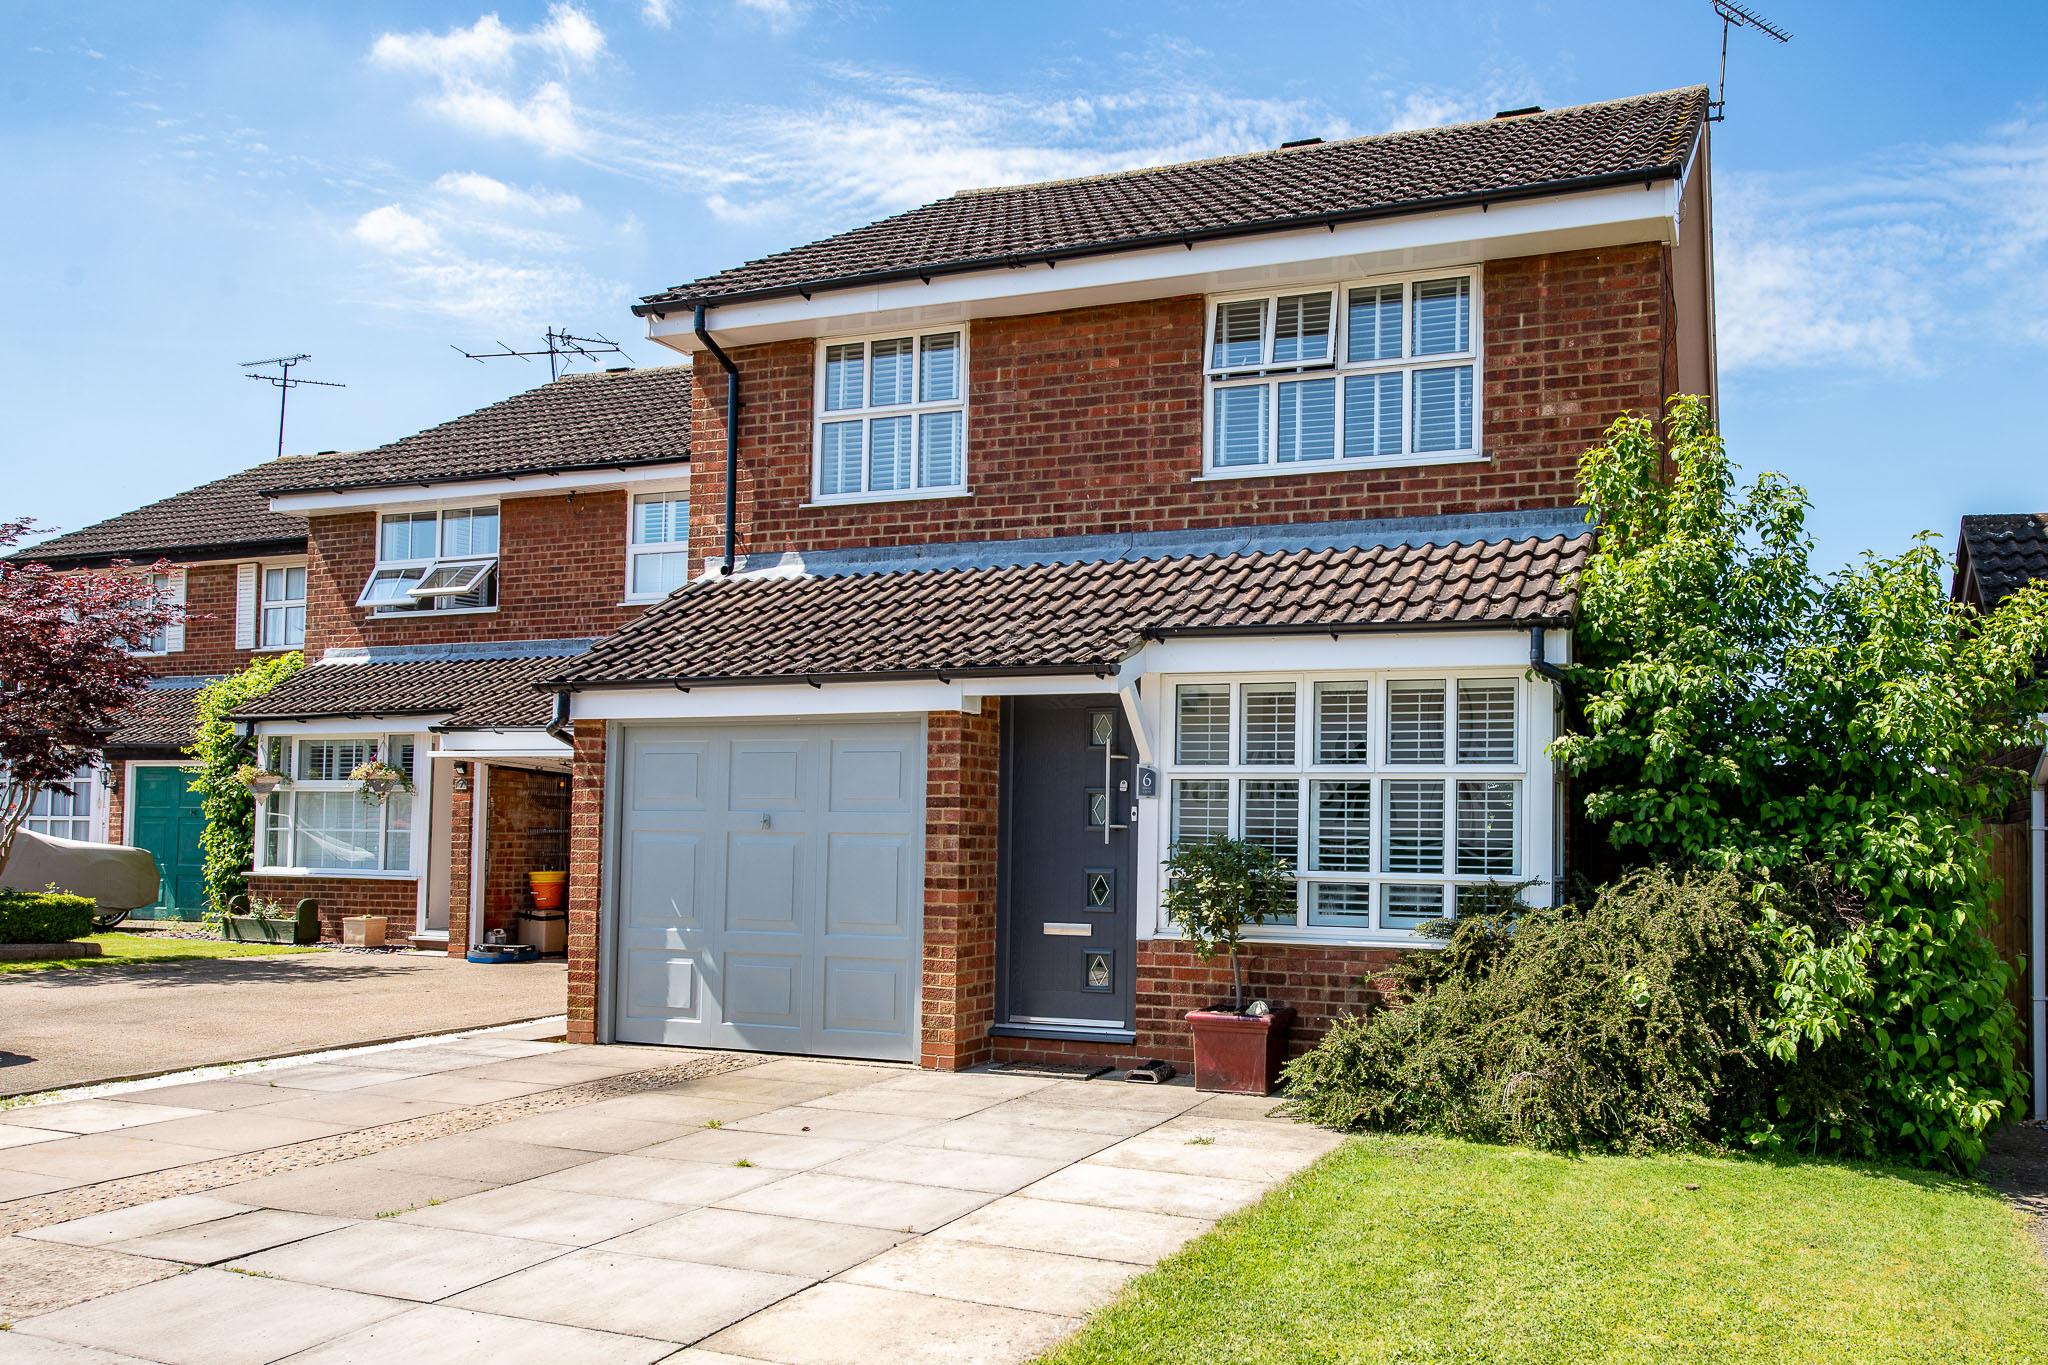 Rightmove aylesbury, houses to buy in aylesbury